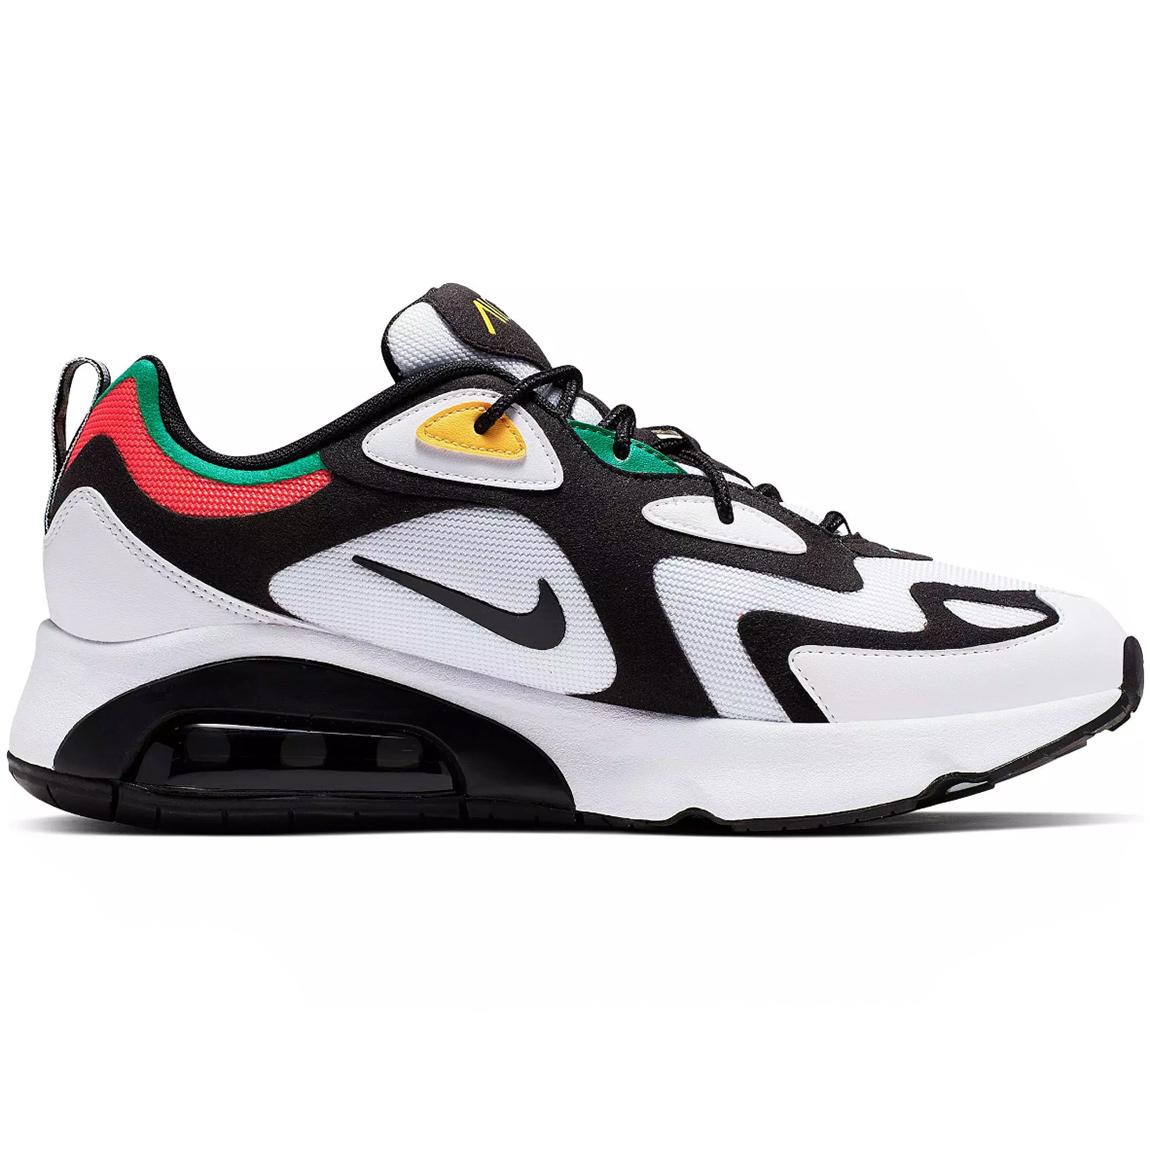 Nike Air Max Command Herren Sneaker schwarz grau neon 629993 047